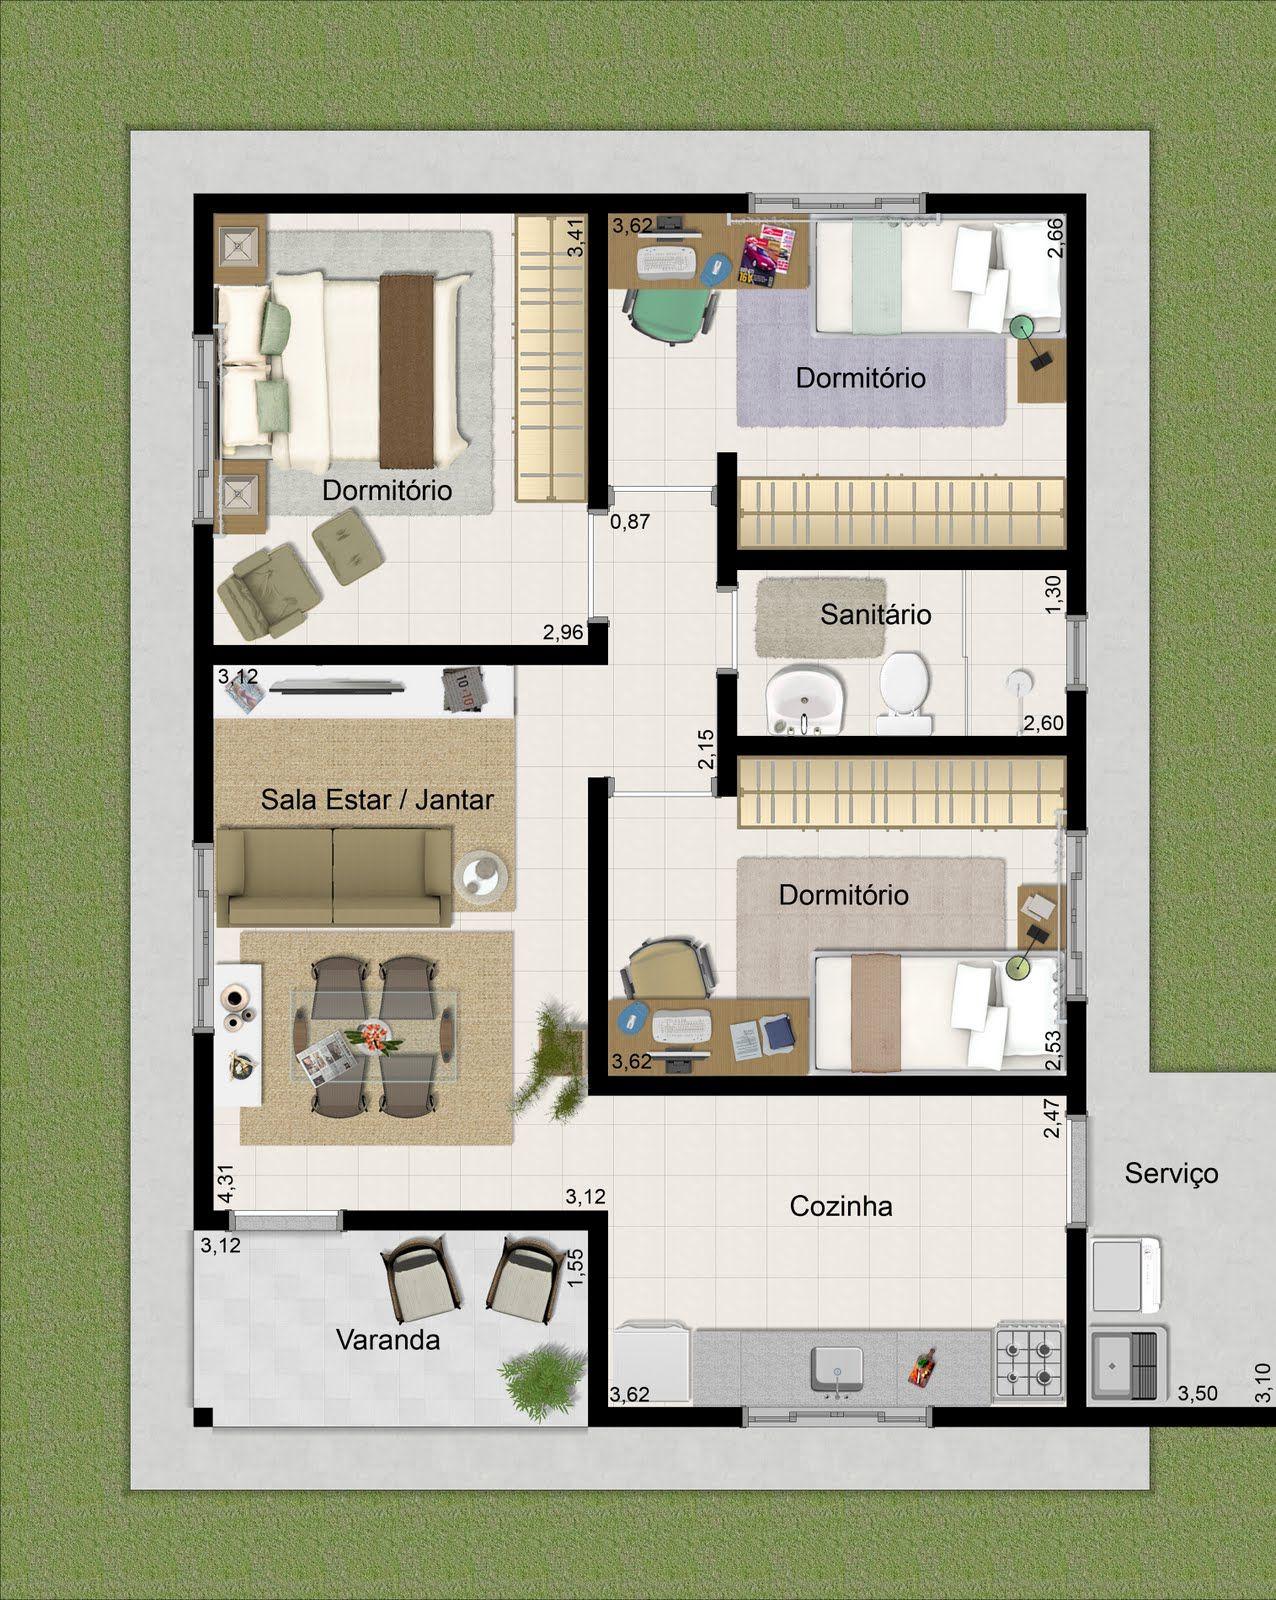 10 Projetos De Casas Terrenas Projetos De Casas Simples Casas